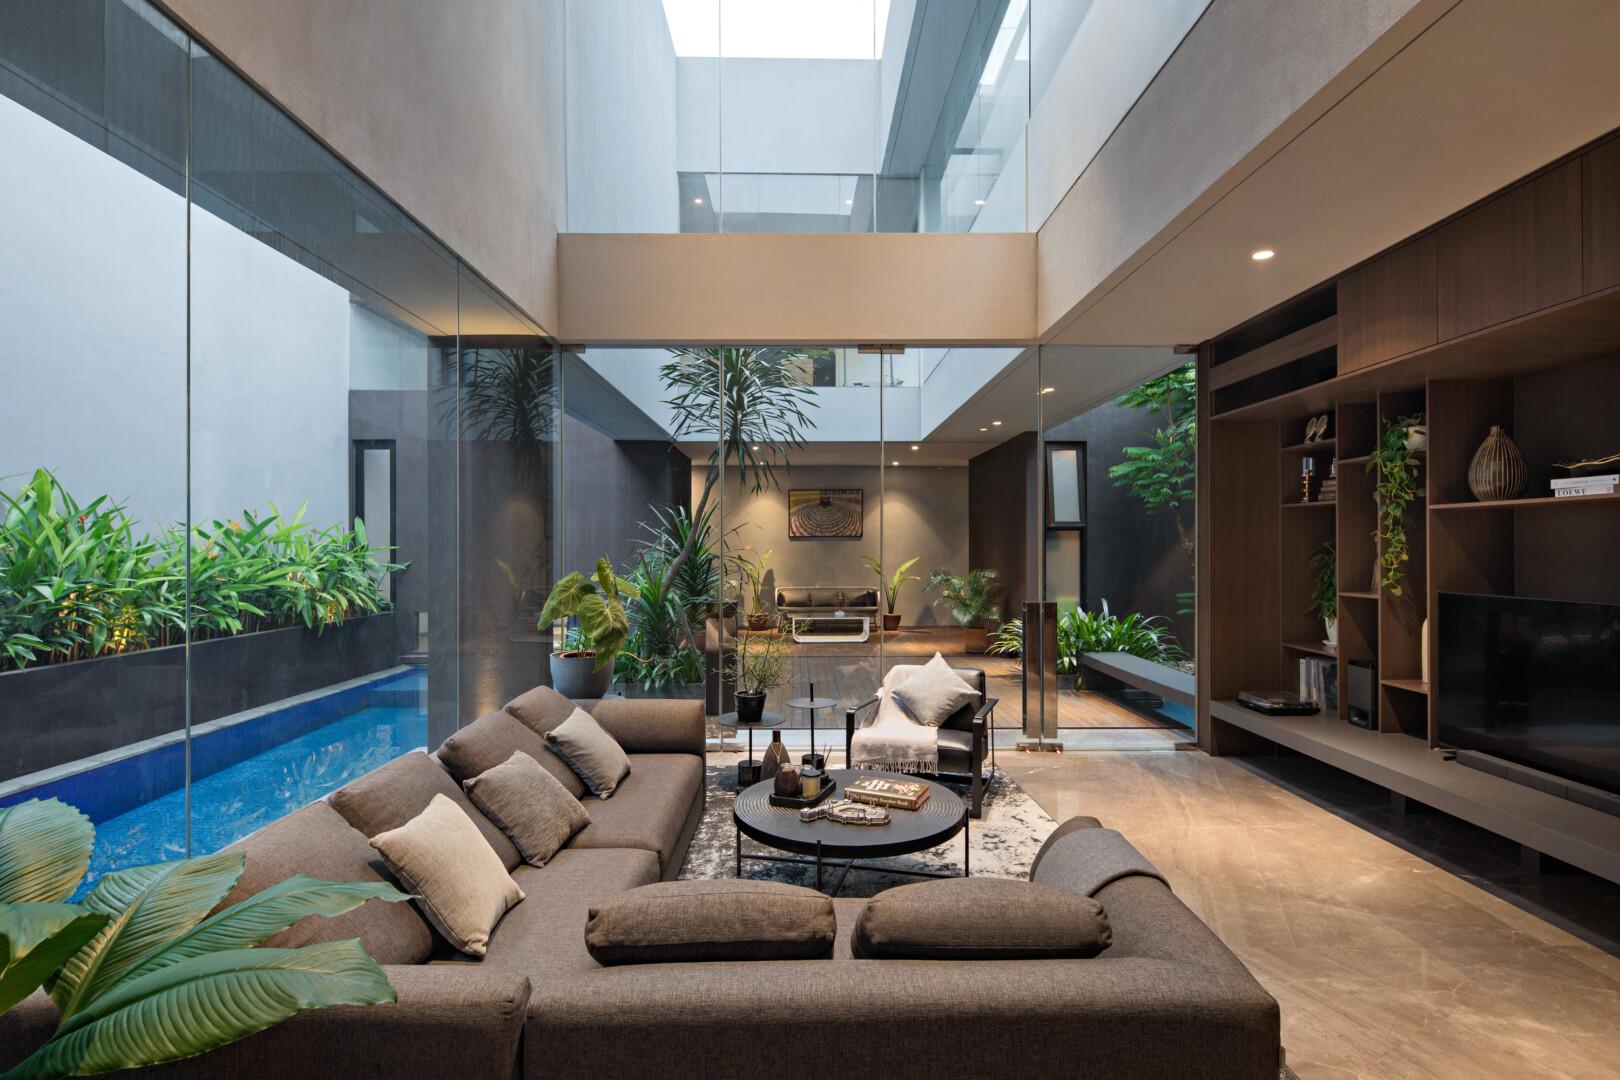 Rumah RifBagus - Image 13